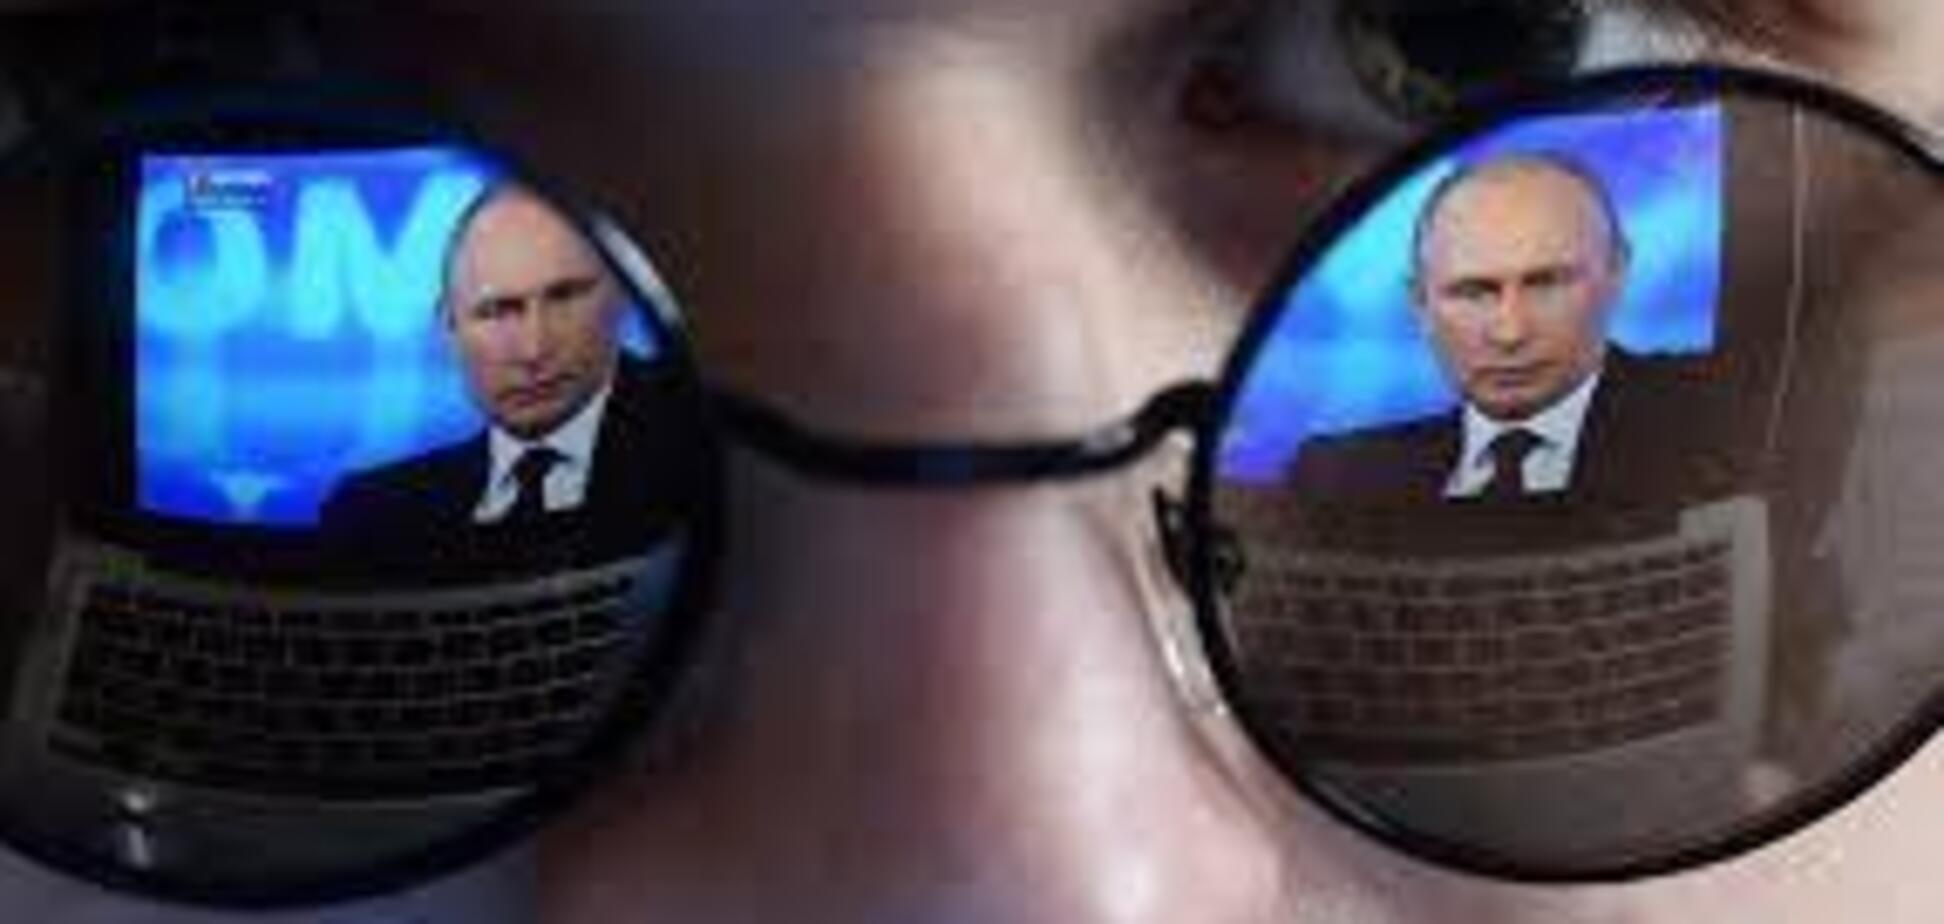 Россияне, вы позоритесь своей загаженной нефтью, китайской Сибирью и застоем